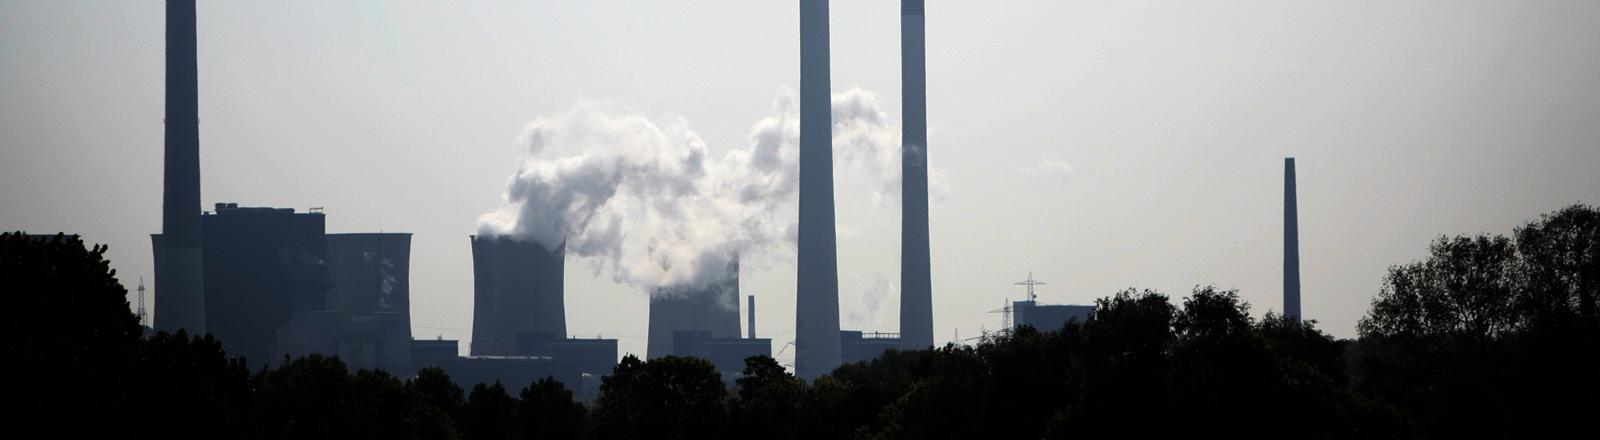 Kohlekraftwerk in Gelsenkirchen